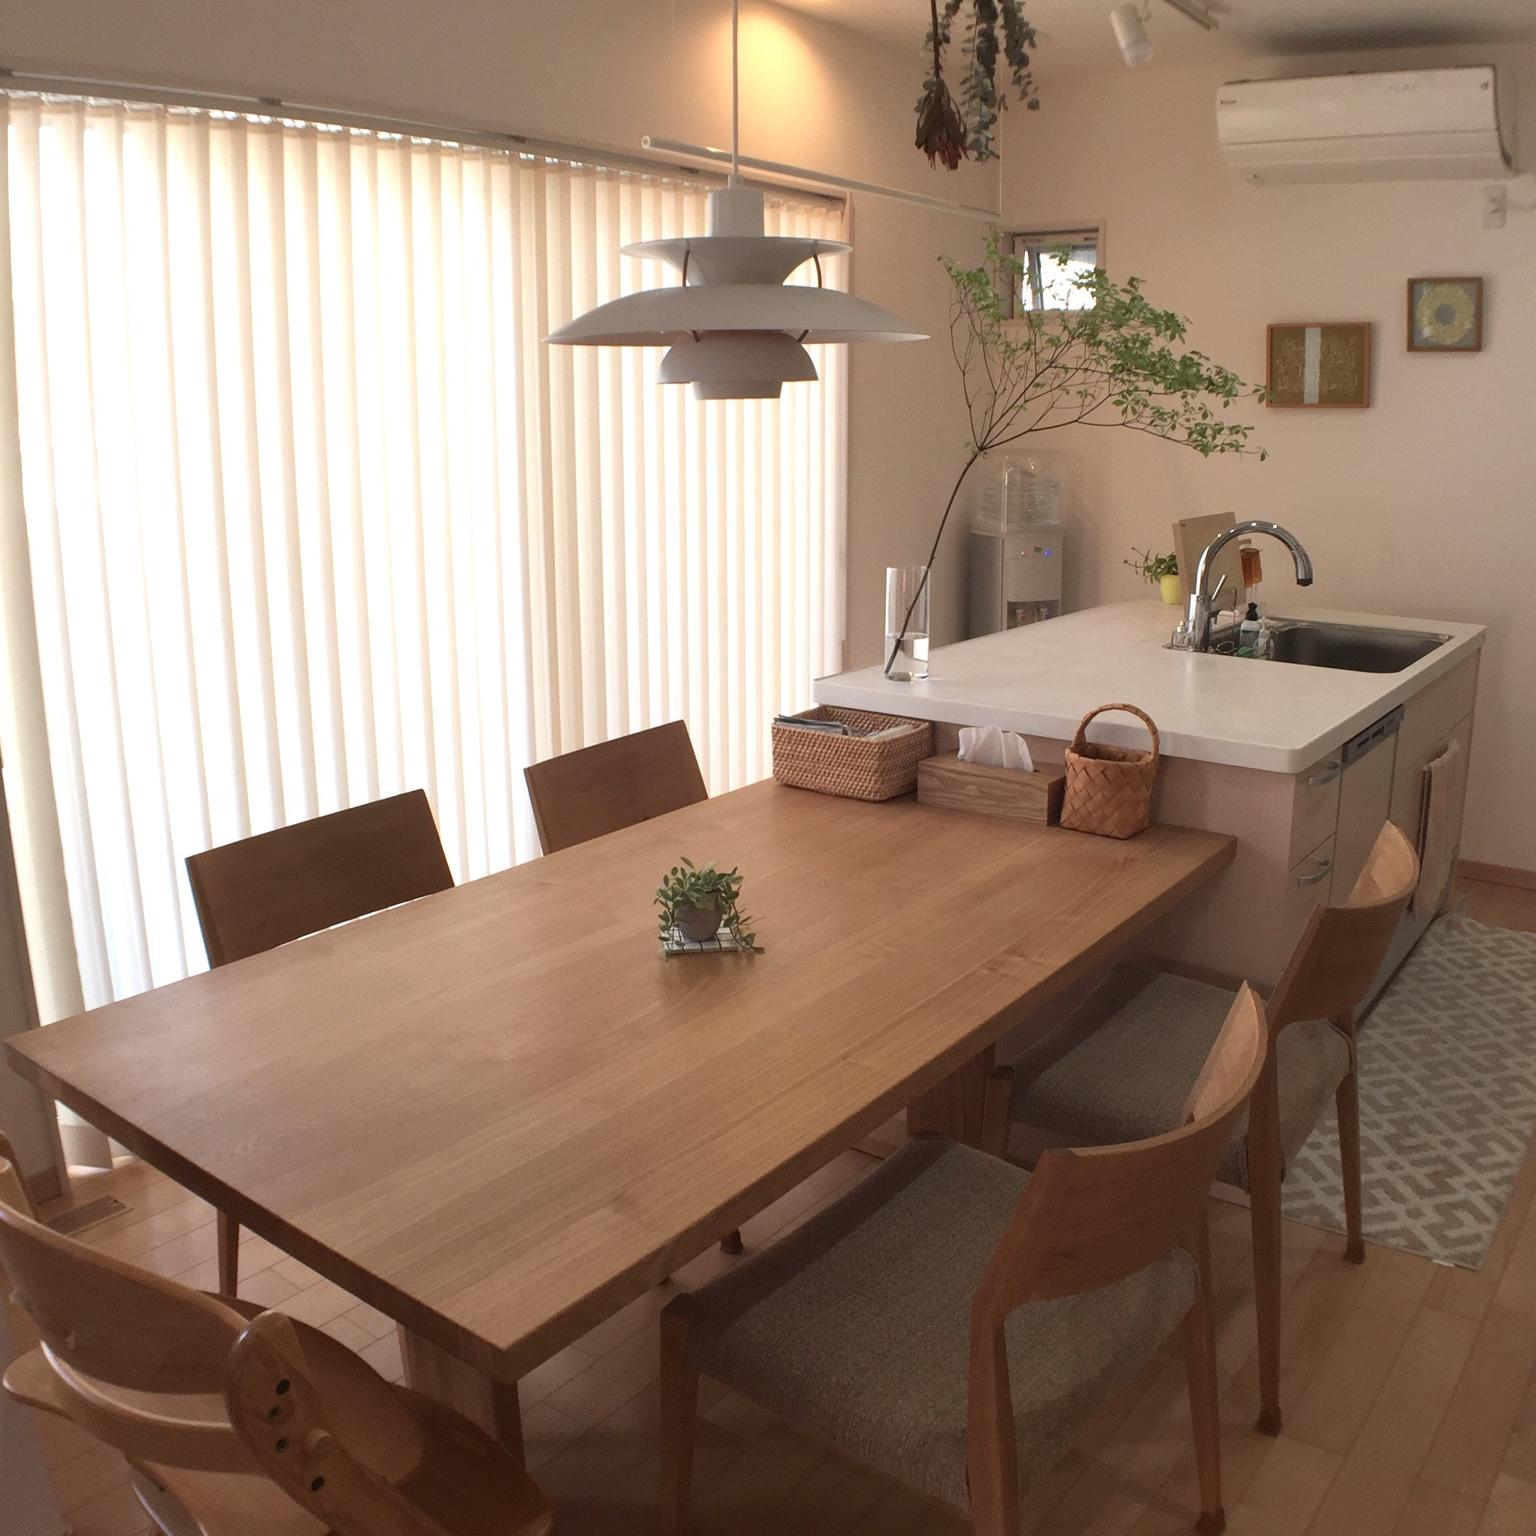 参考になる北欧風キッチン集めました♪ | RoomClip mag | 暮らしとインテリアのwebマガジン